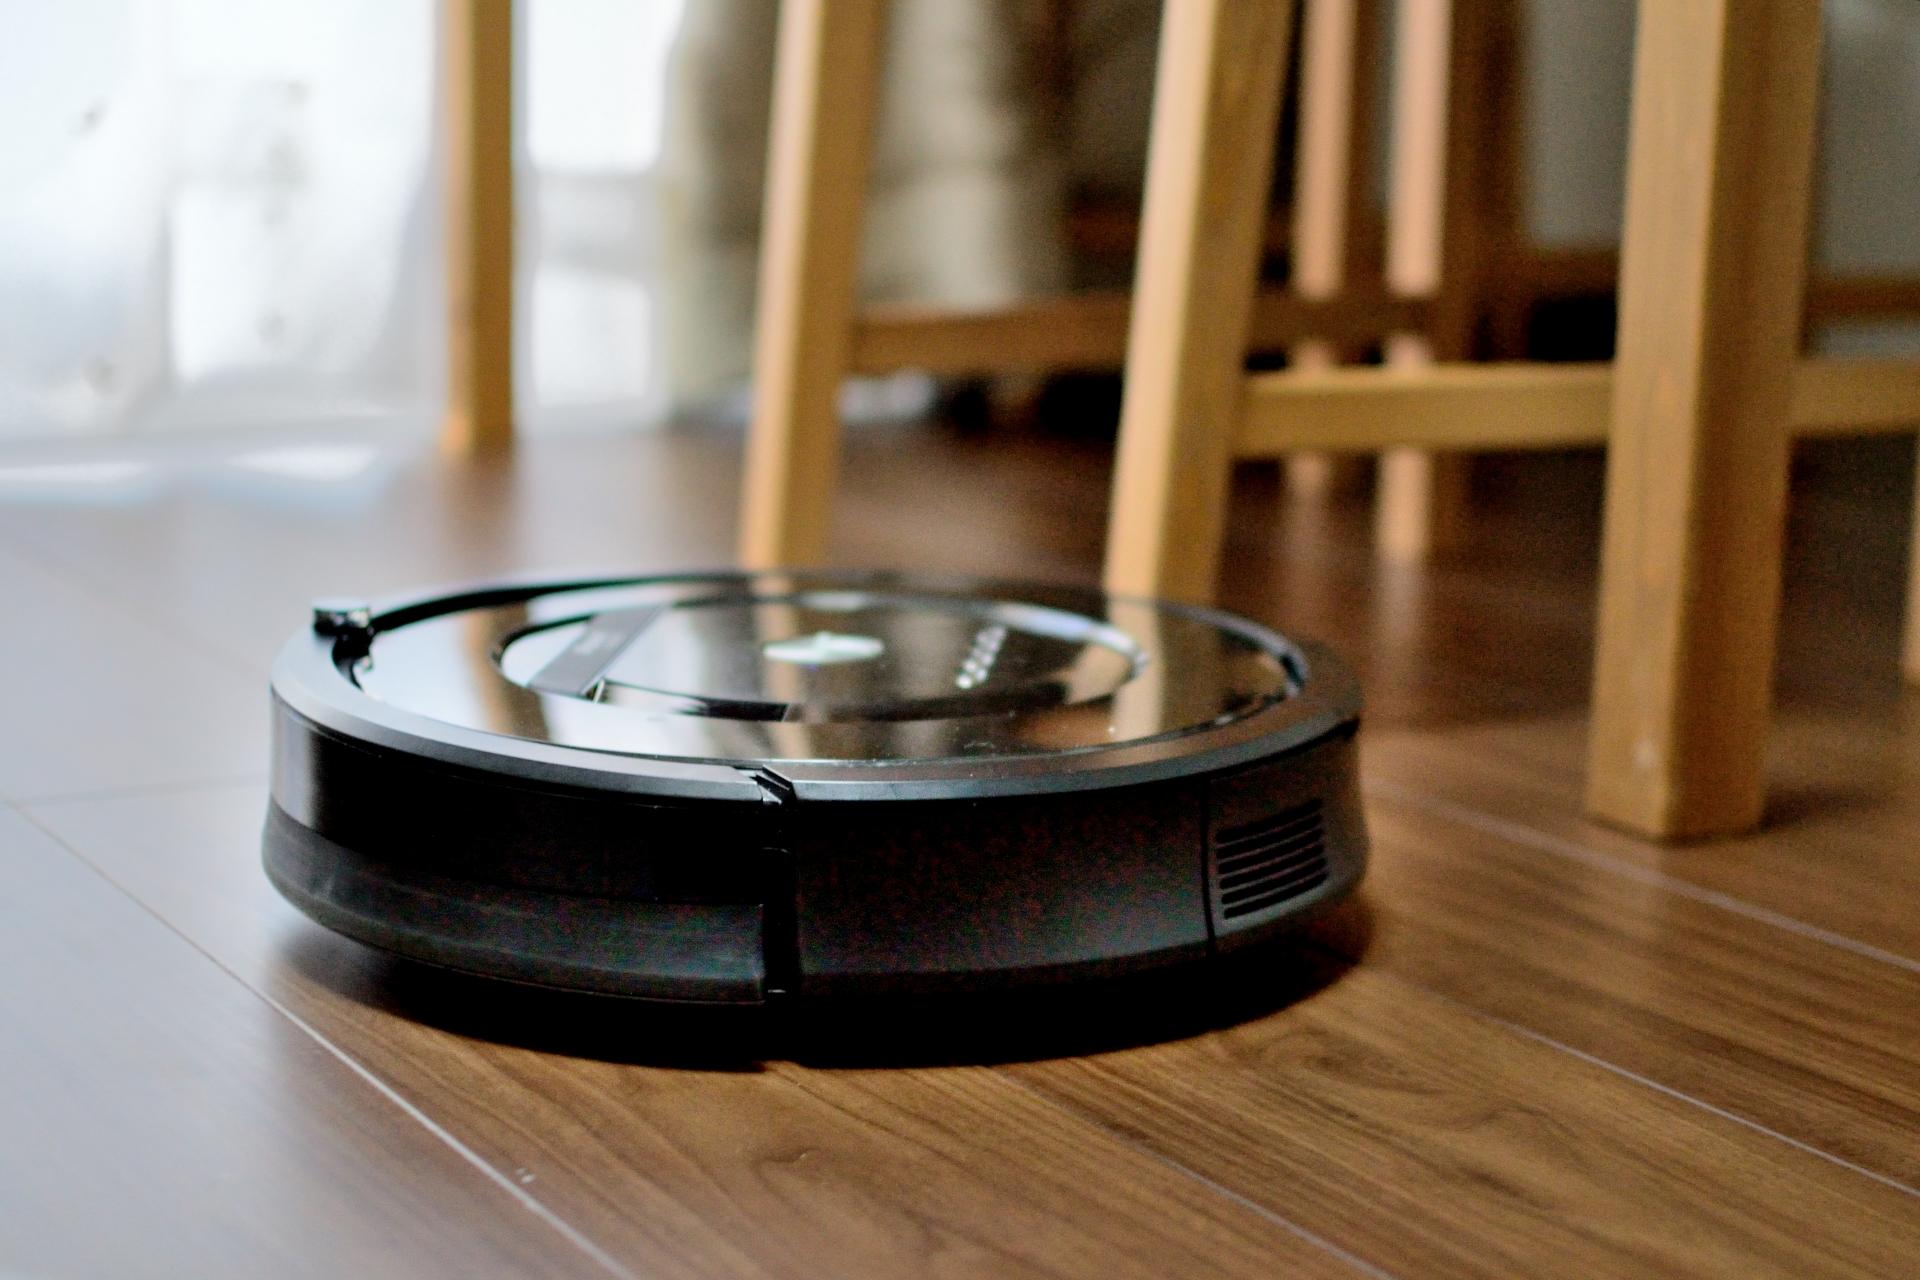 一人暮らしにおすすめのロボット掃除機7選!小型タイプも【2020年版】